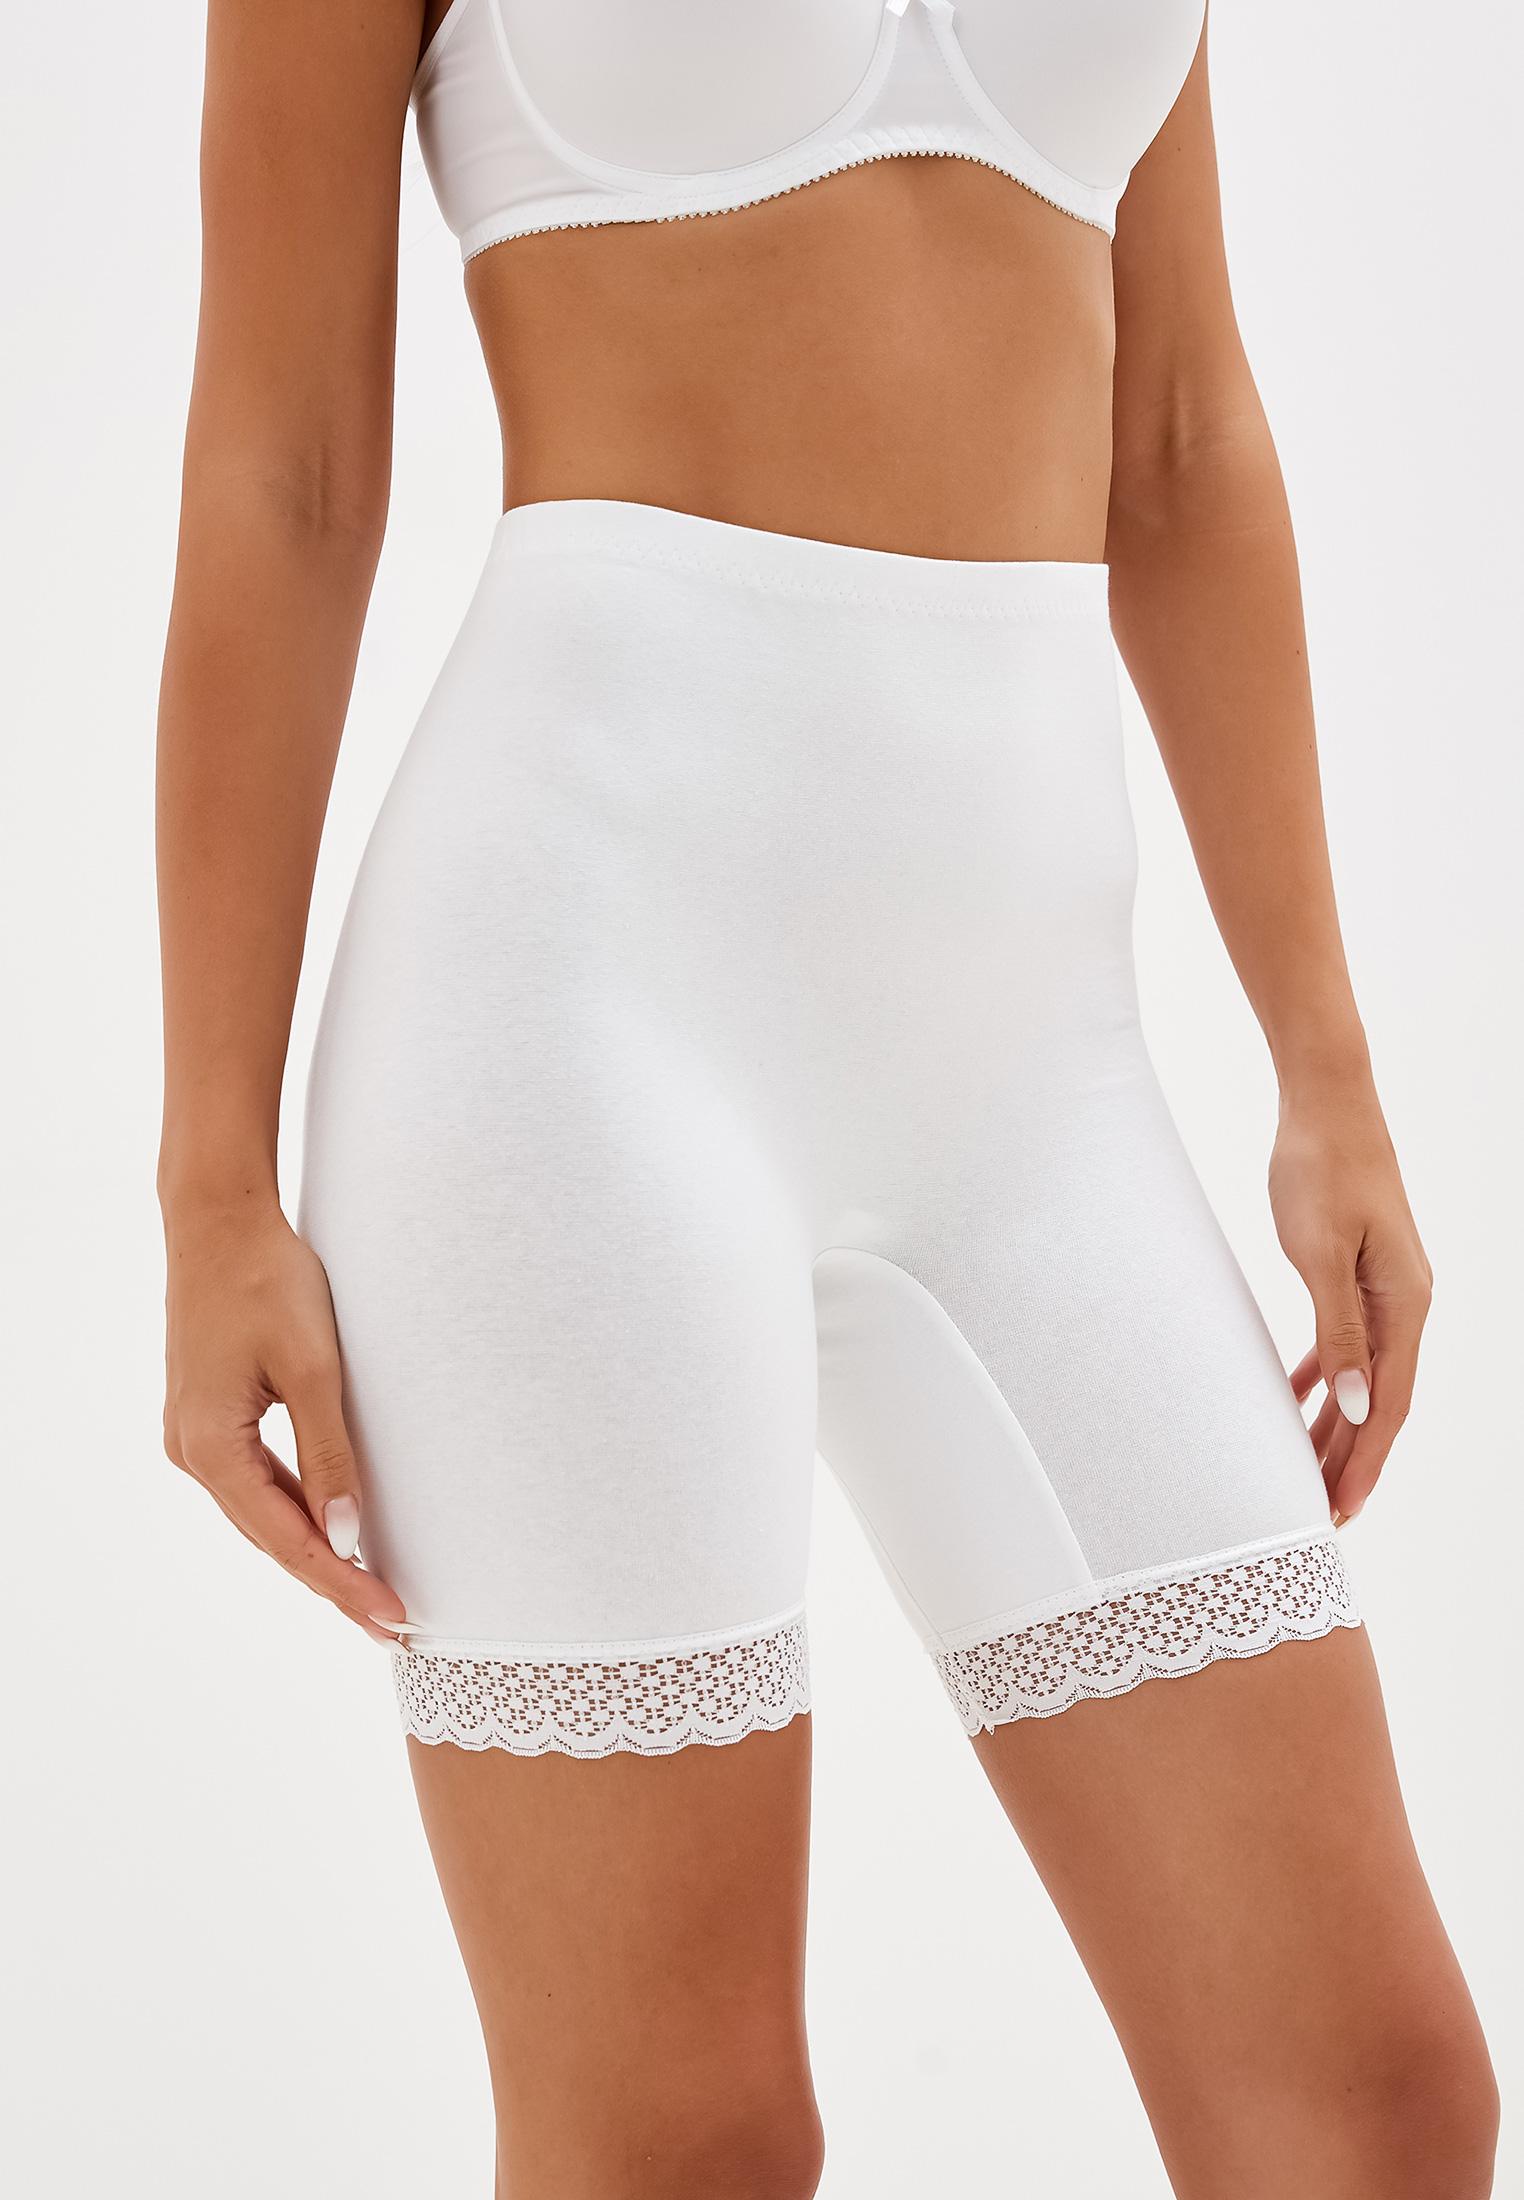 Панталоны женские НОВОЕ ВРЕМЯ T014 белые 44 RU